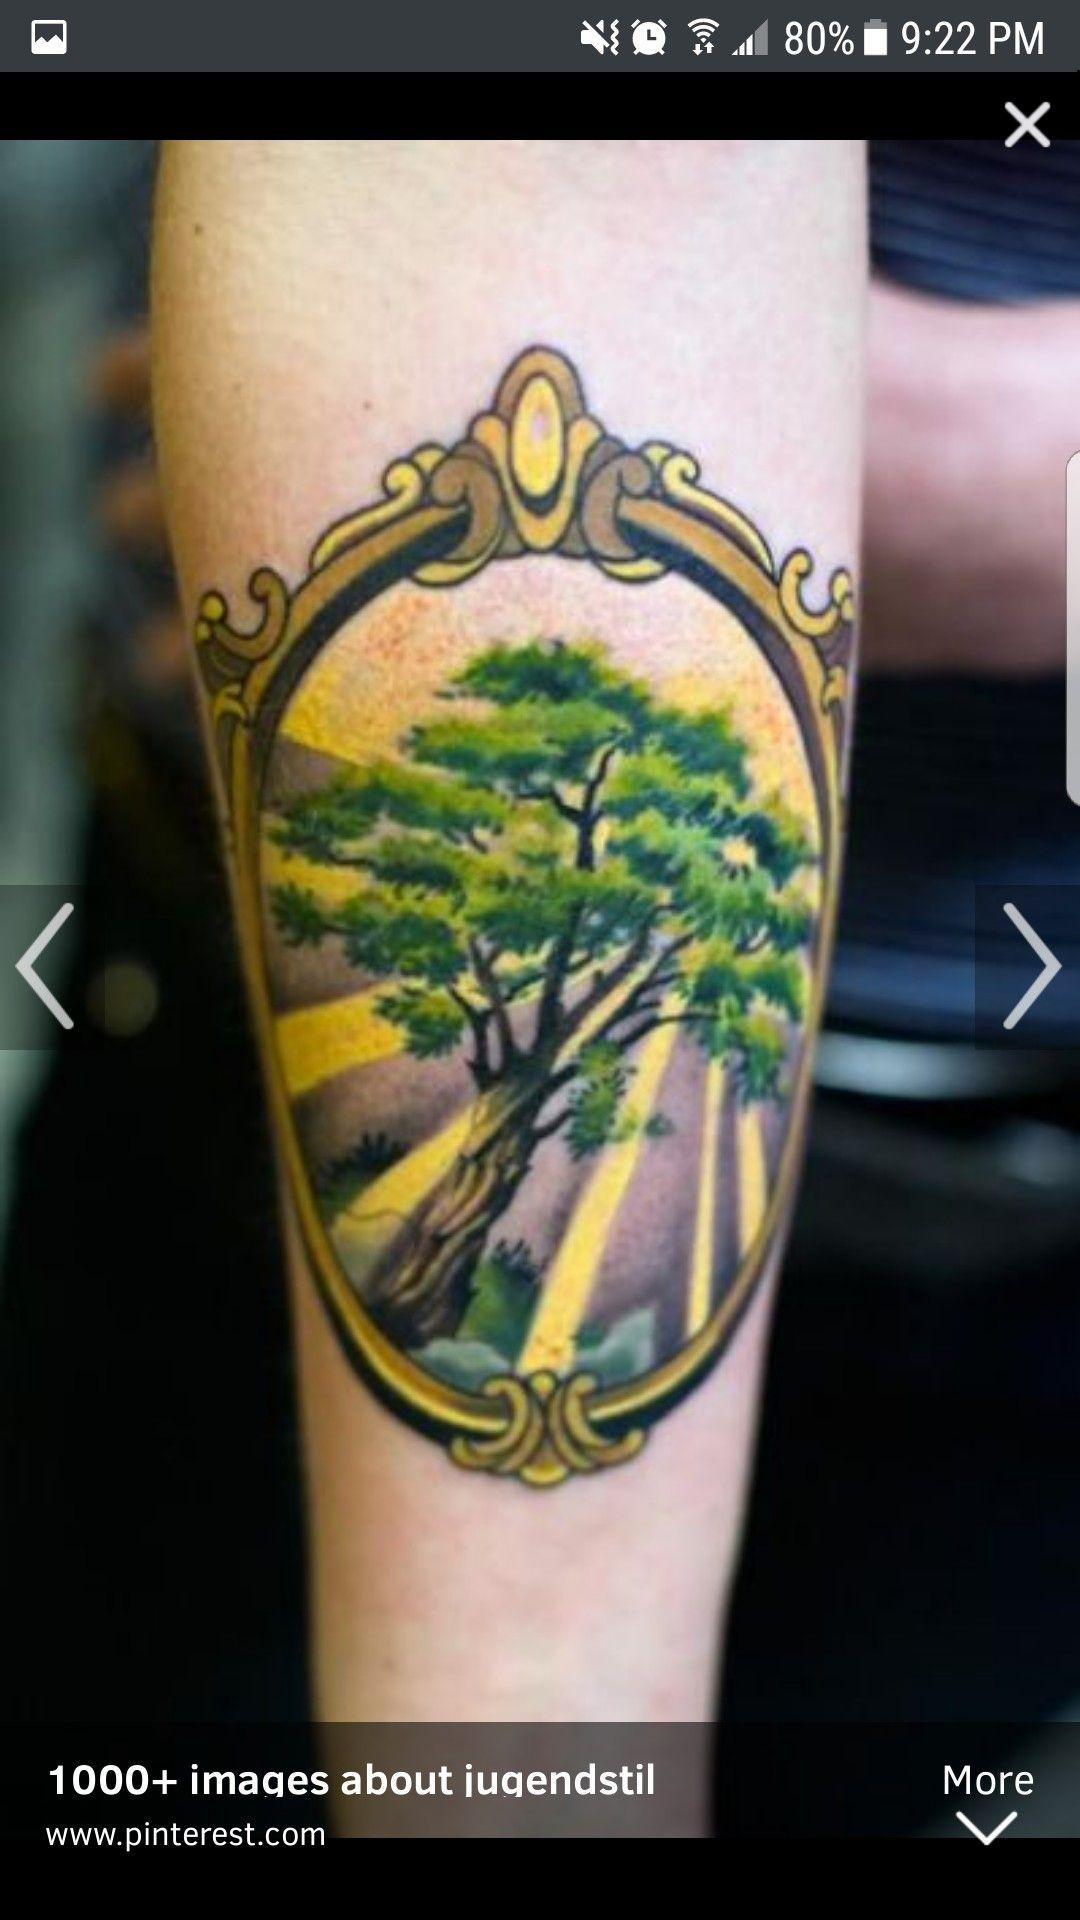 Pin by Jessica Kramer on tattoo ideas | Pinterest | Tattoo